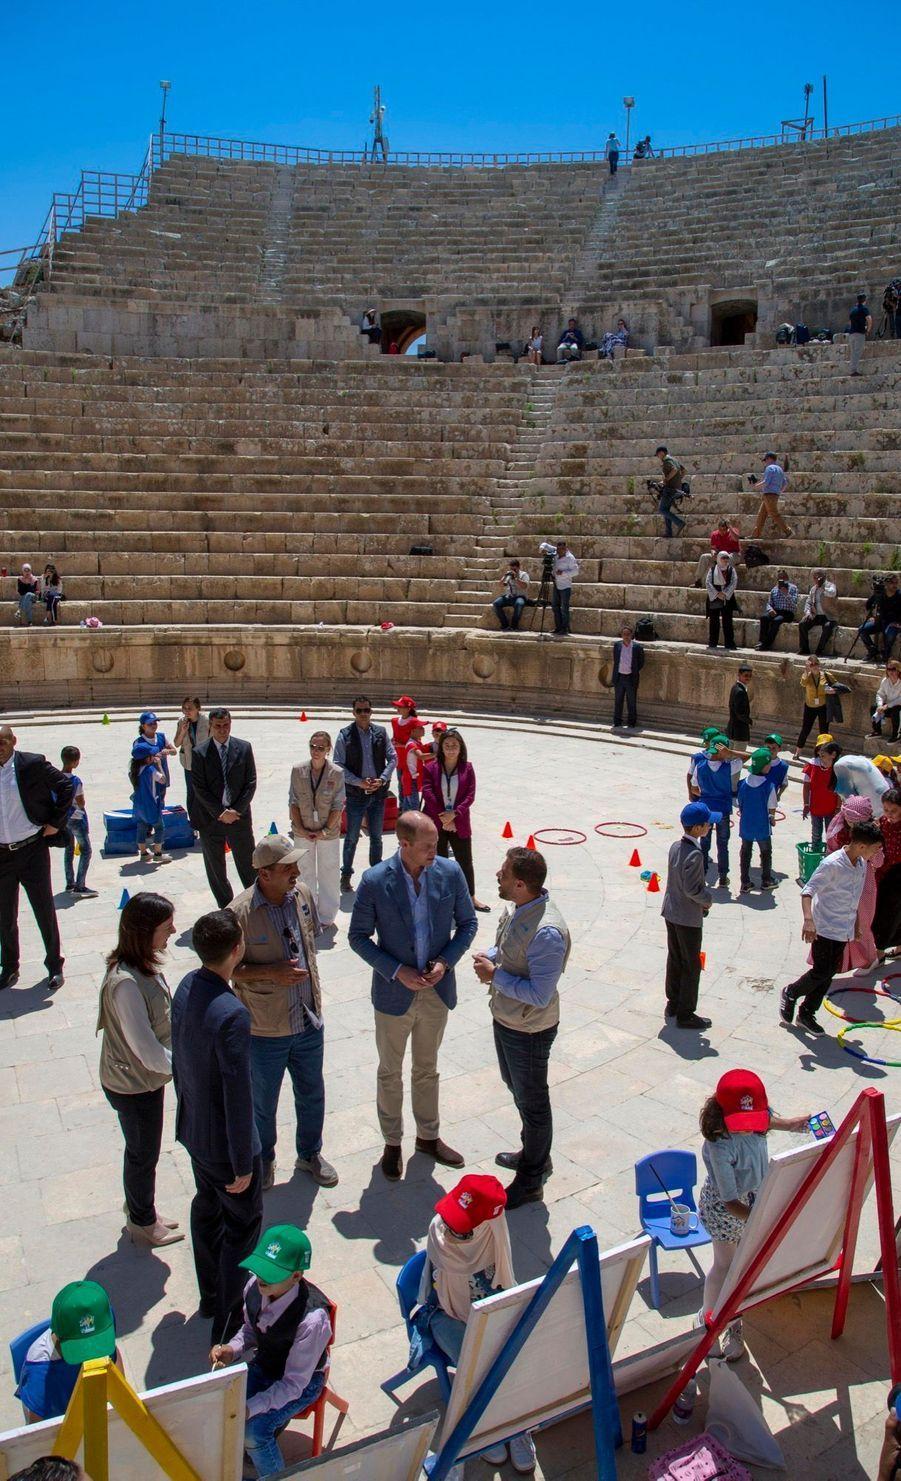 Le Prince William Et Le Prince Hussein De Jordanie En Visite Sur Le Site Archéologique De Jerash En Jordanie, Le 25 Juin 2018 ( 7